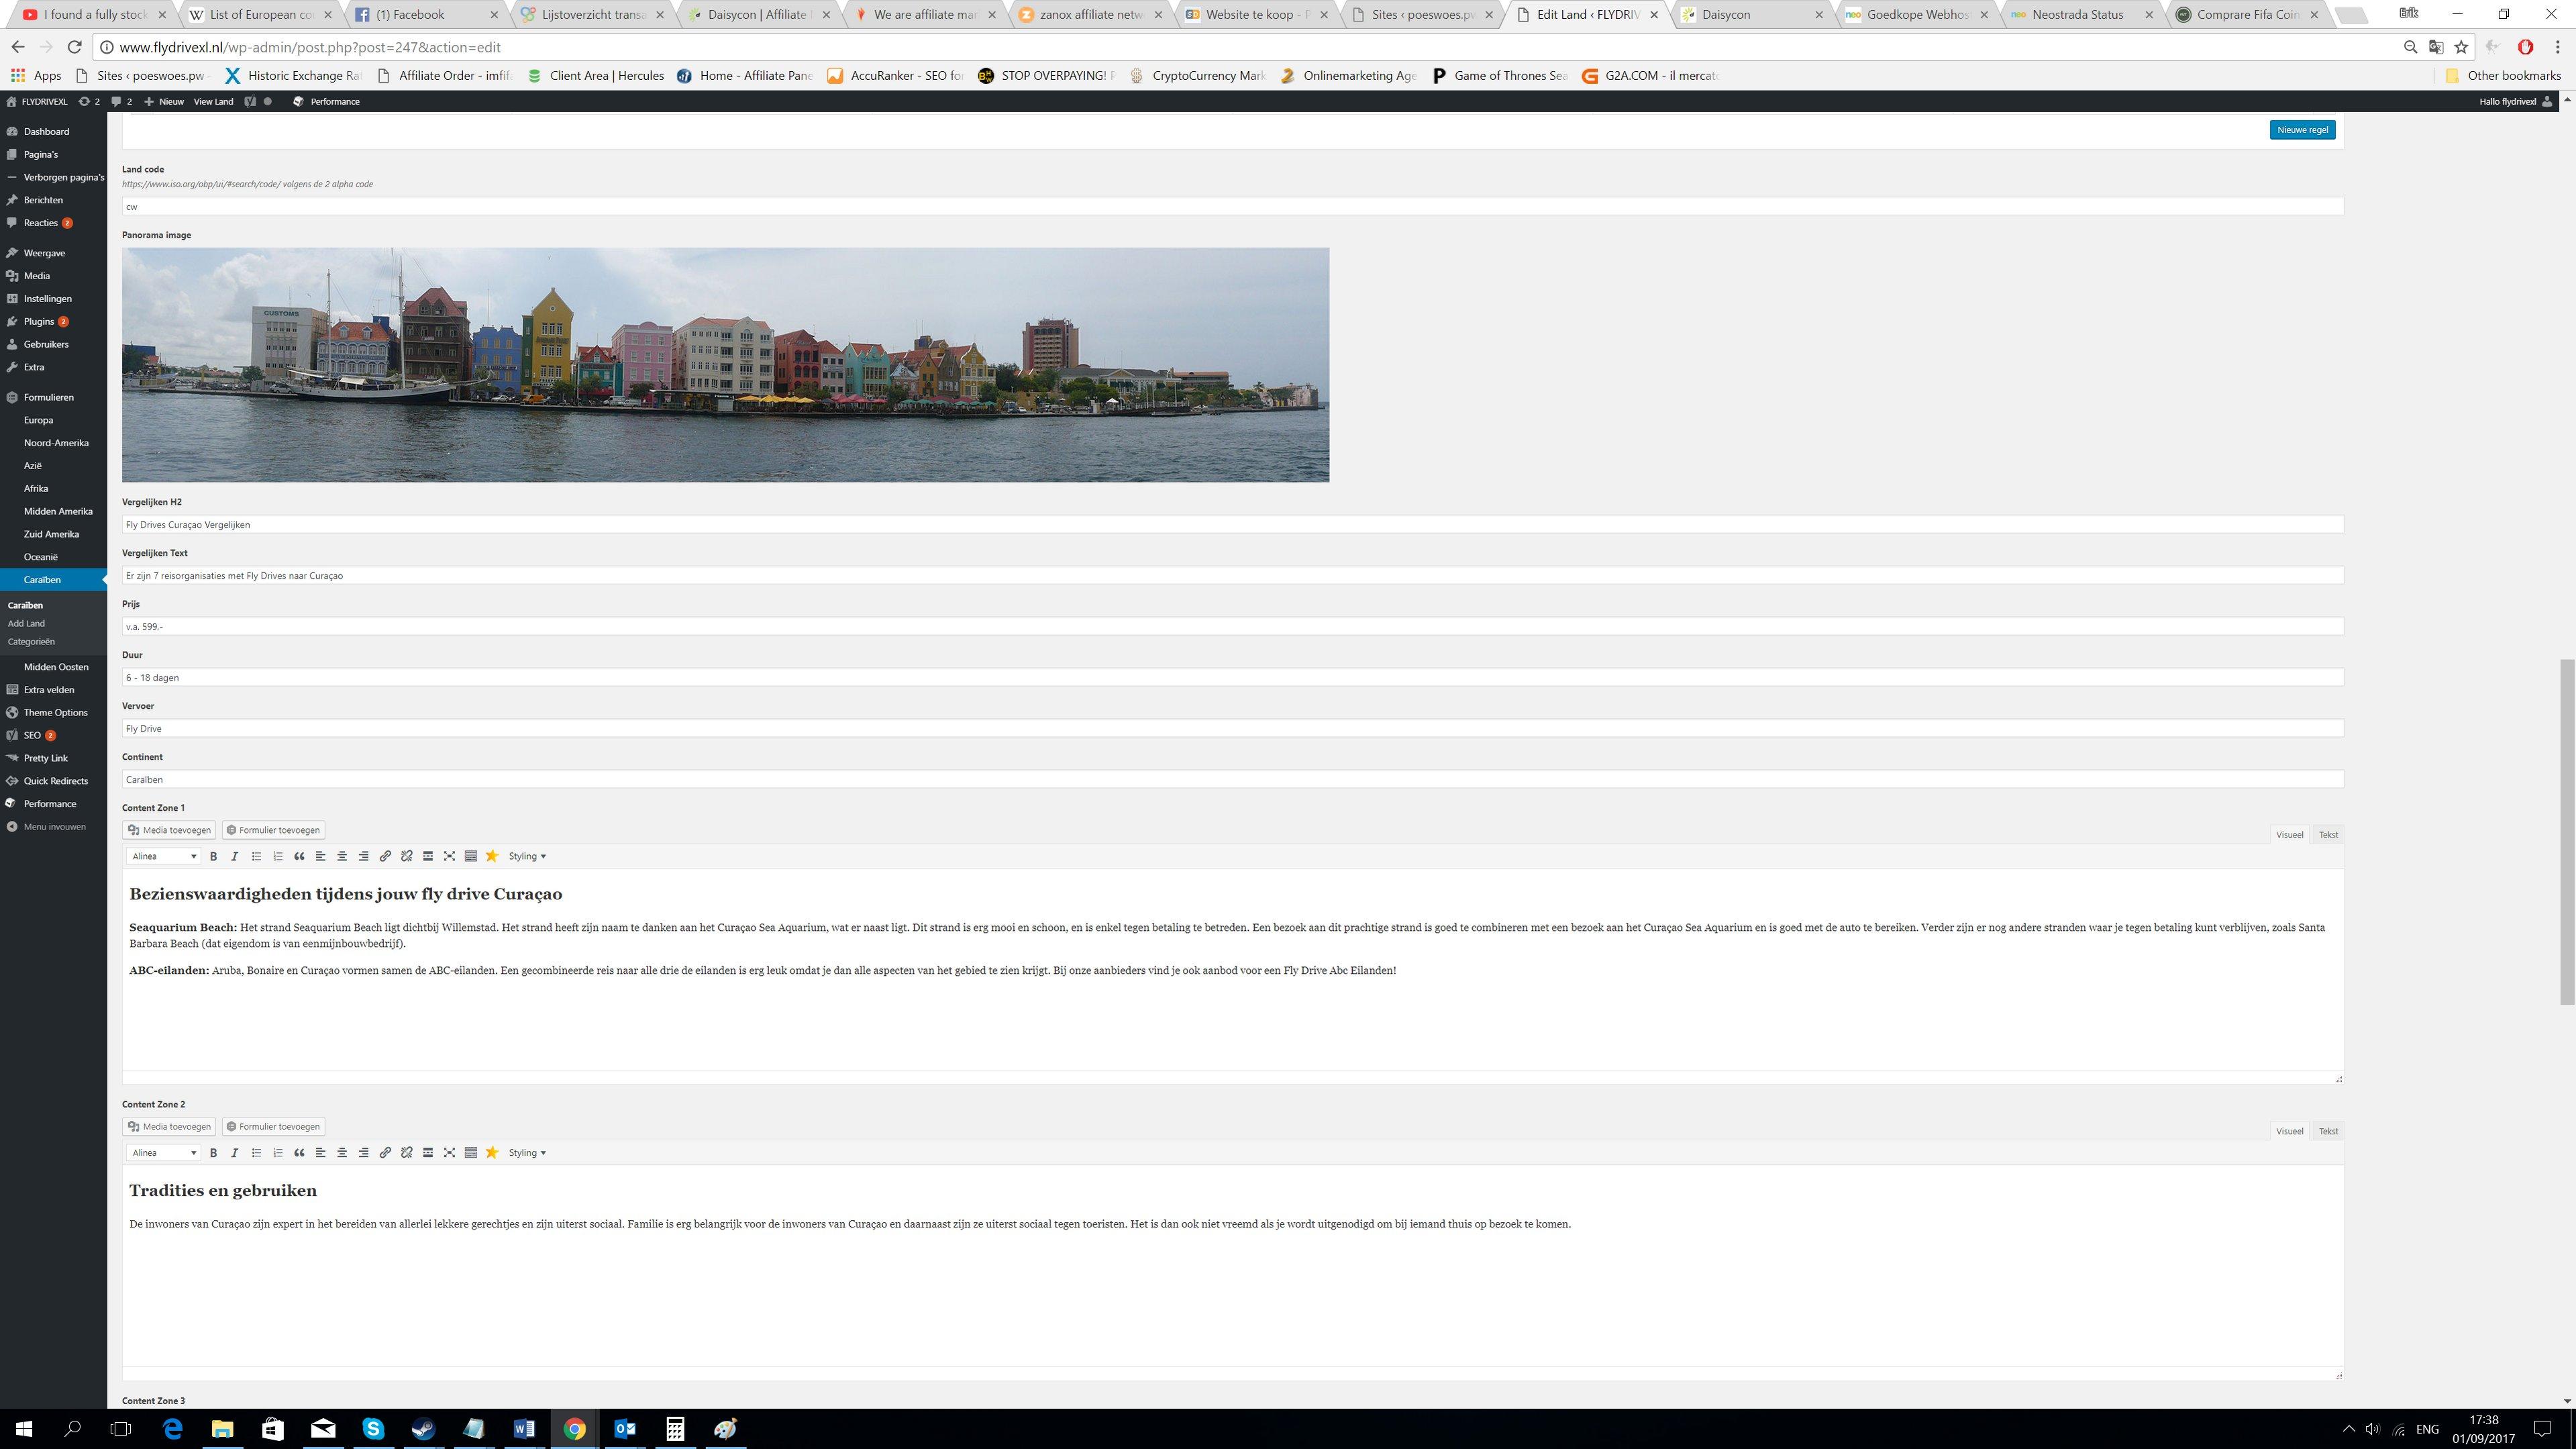 Vakantie website te koop (redelijke inkomsten)-interface-jpg